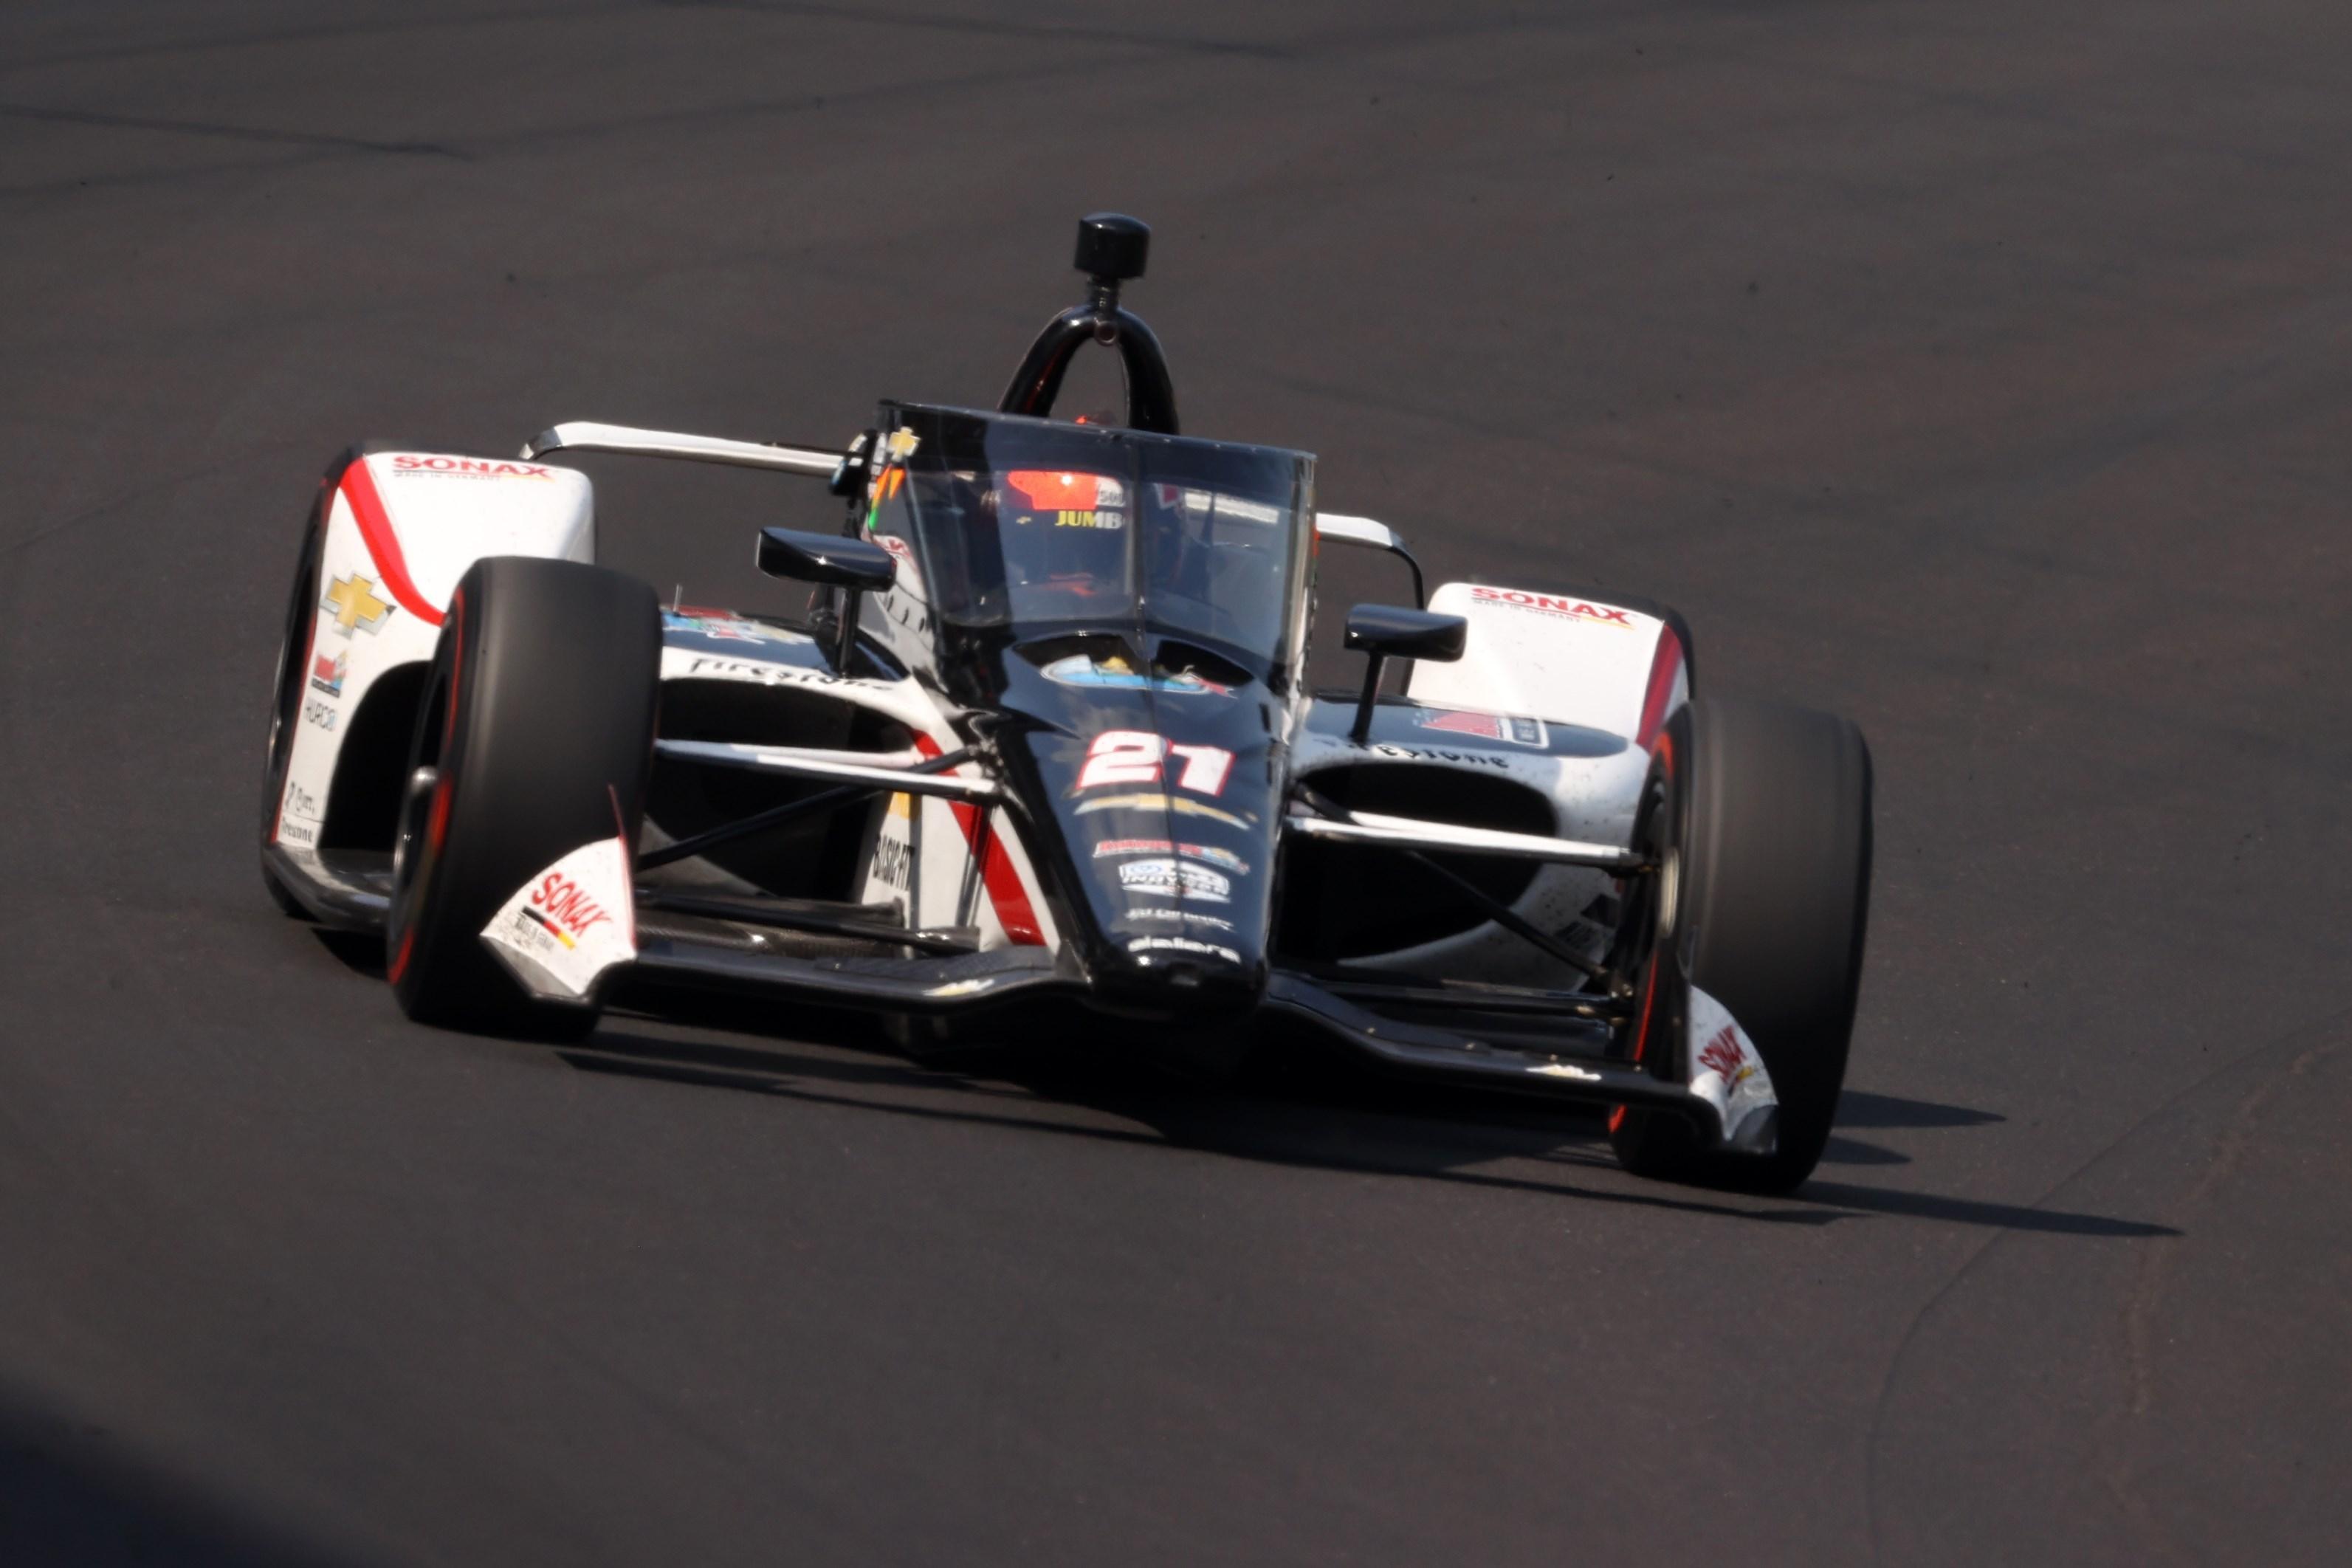 Rinus van Kalmthout geeft goede start tijdens debuut Indy 500 geen vervolg: Hoofddorper 20e na fout bij pitstop